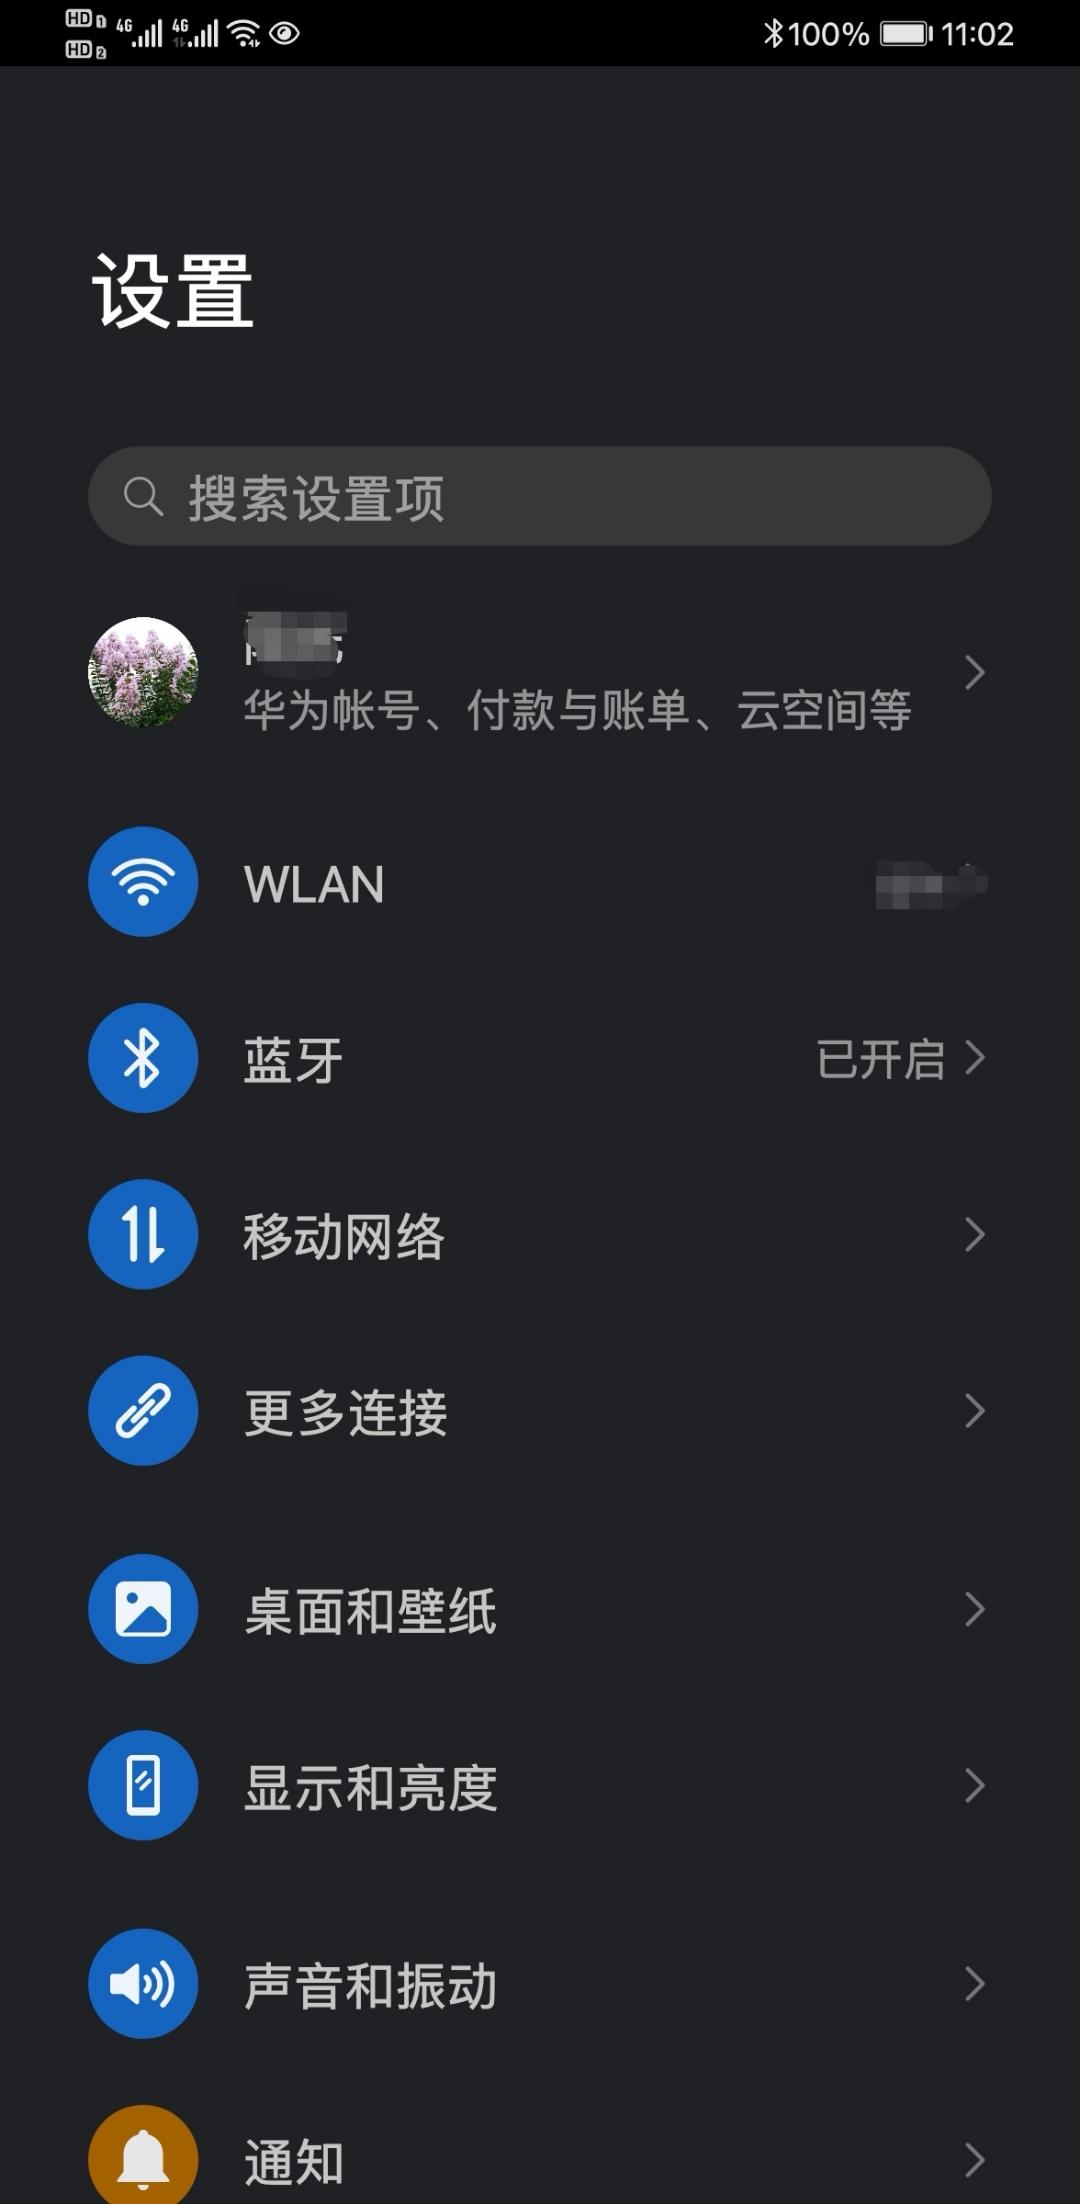 Screenshot_20200518_085435.jpg